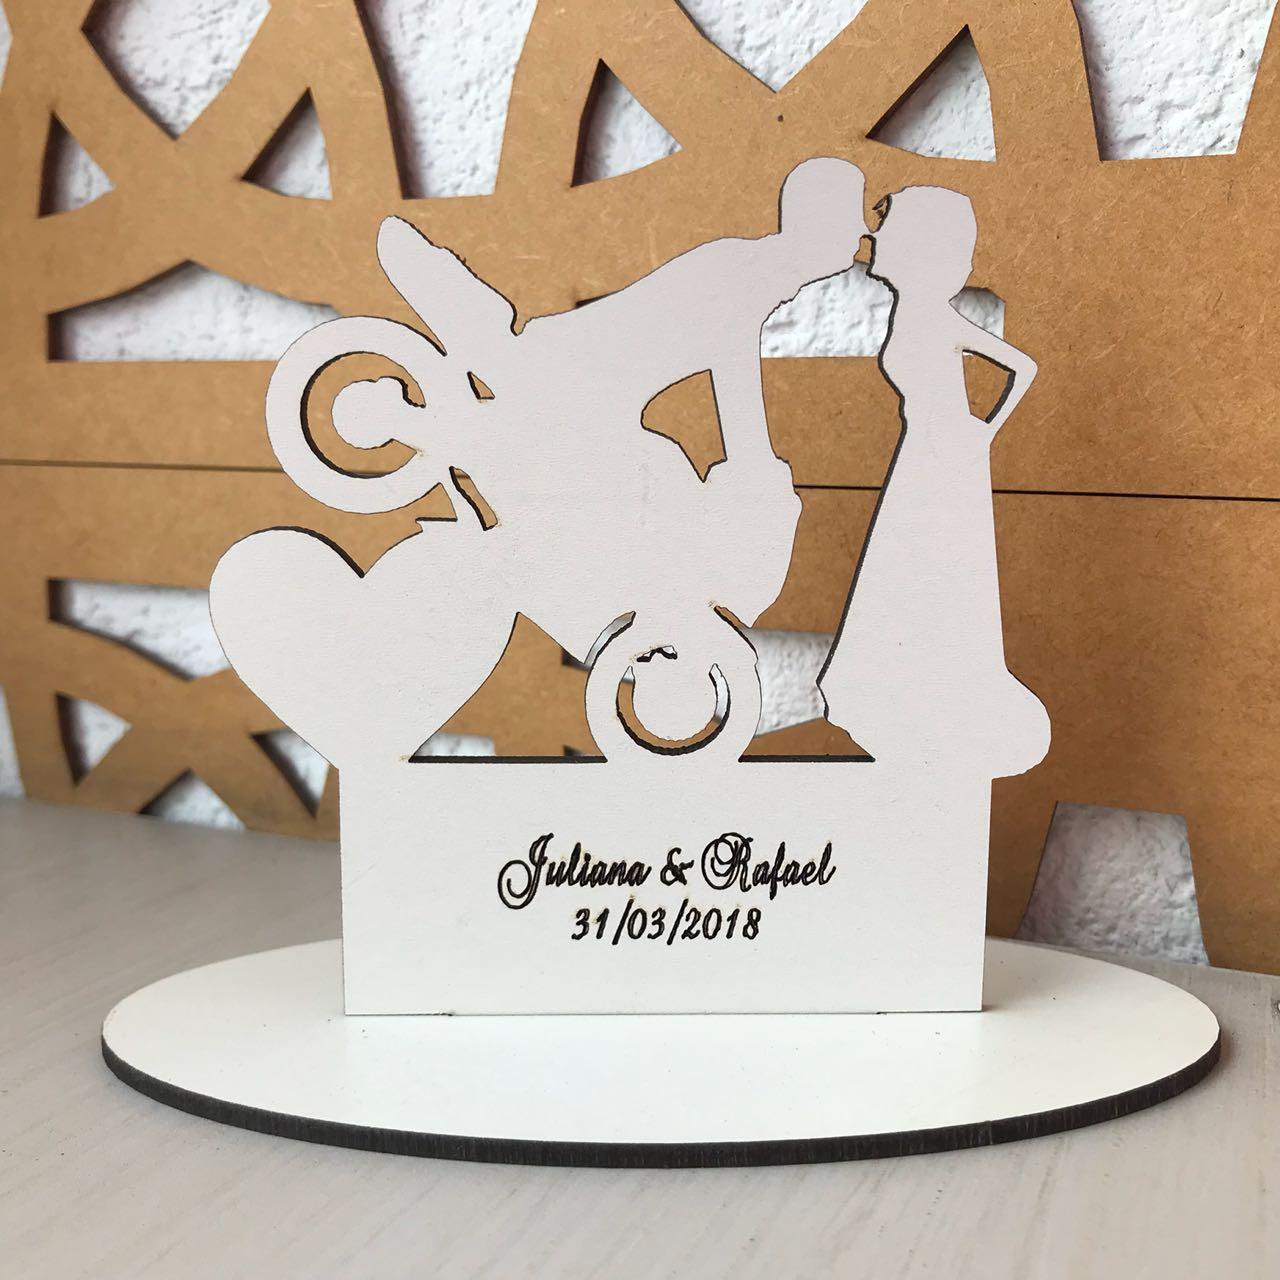 Ref. 014 - Topo de Bolo MDF Branco Coração Alianças Noivos Casamento 15cm Moto Motoqueiro